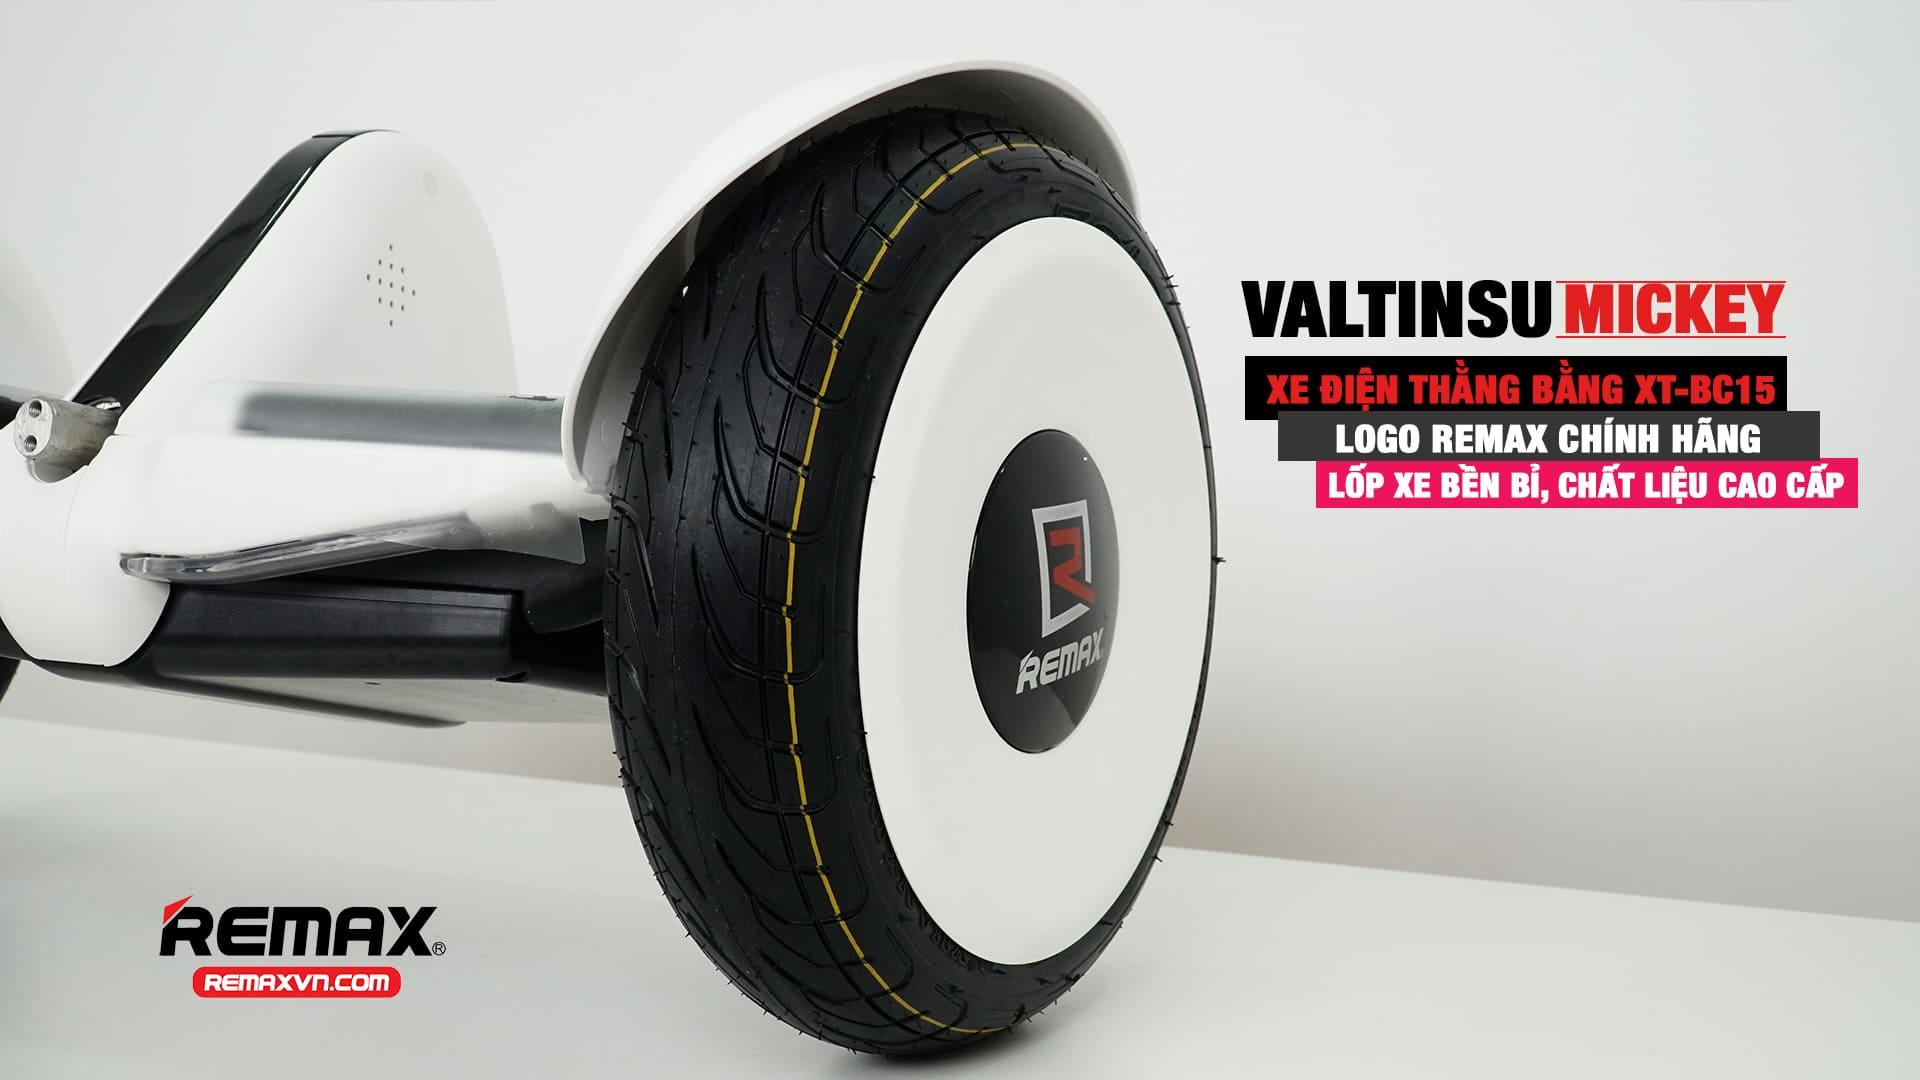 lốp xe bền bỉ, chất liệu cao cấp